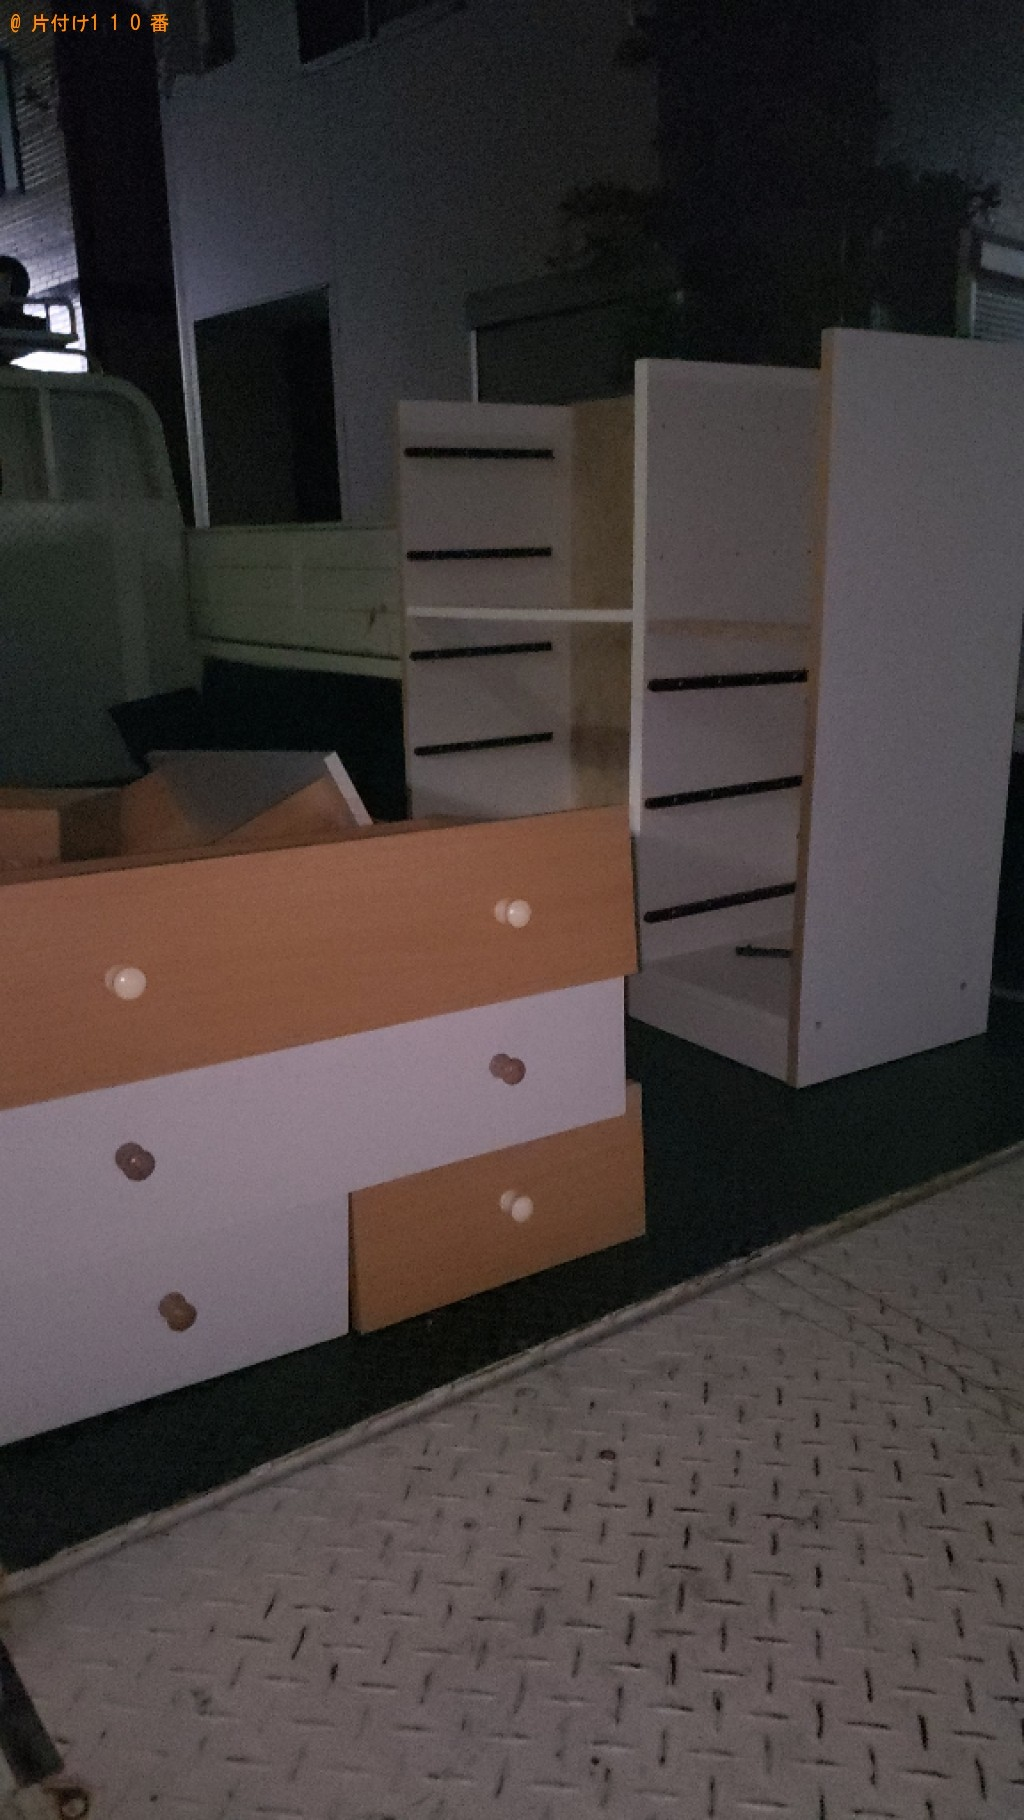 【松山市】ソファーの出張不用品回収・処分ご依頼 お客様の声